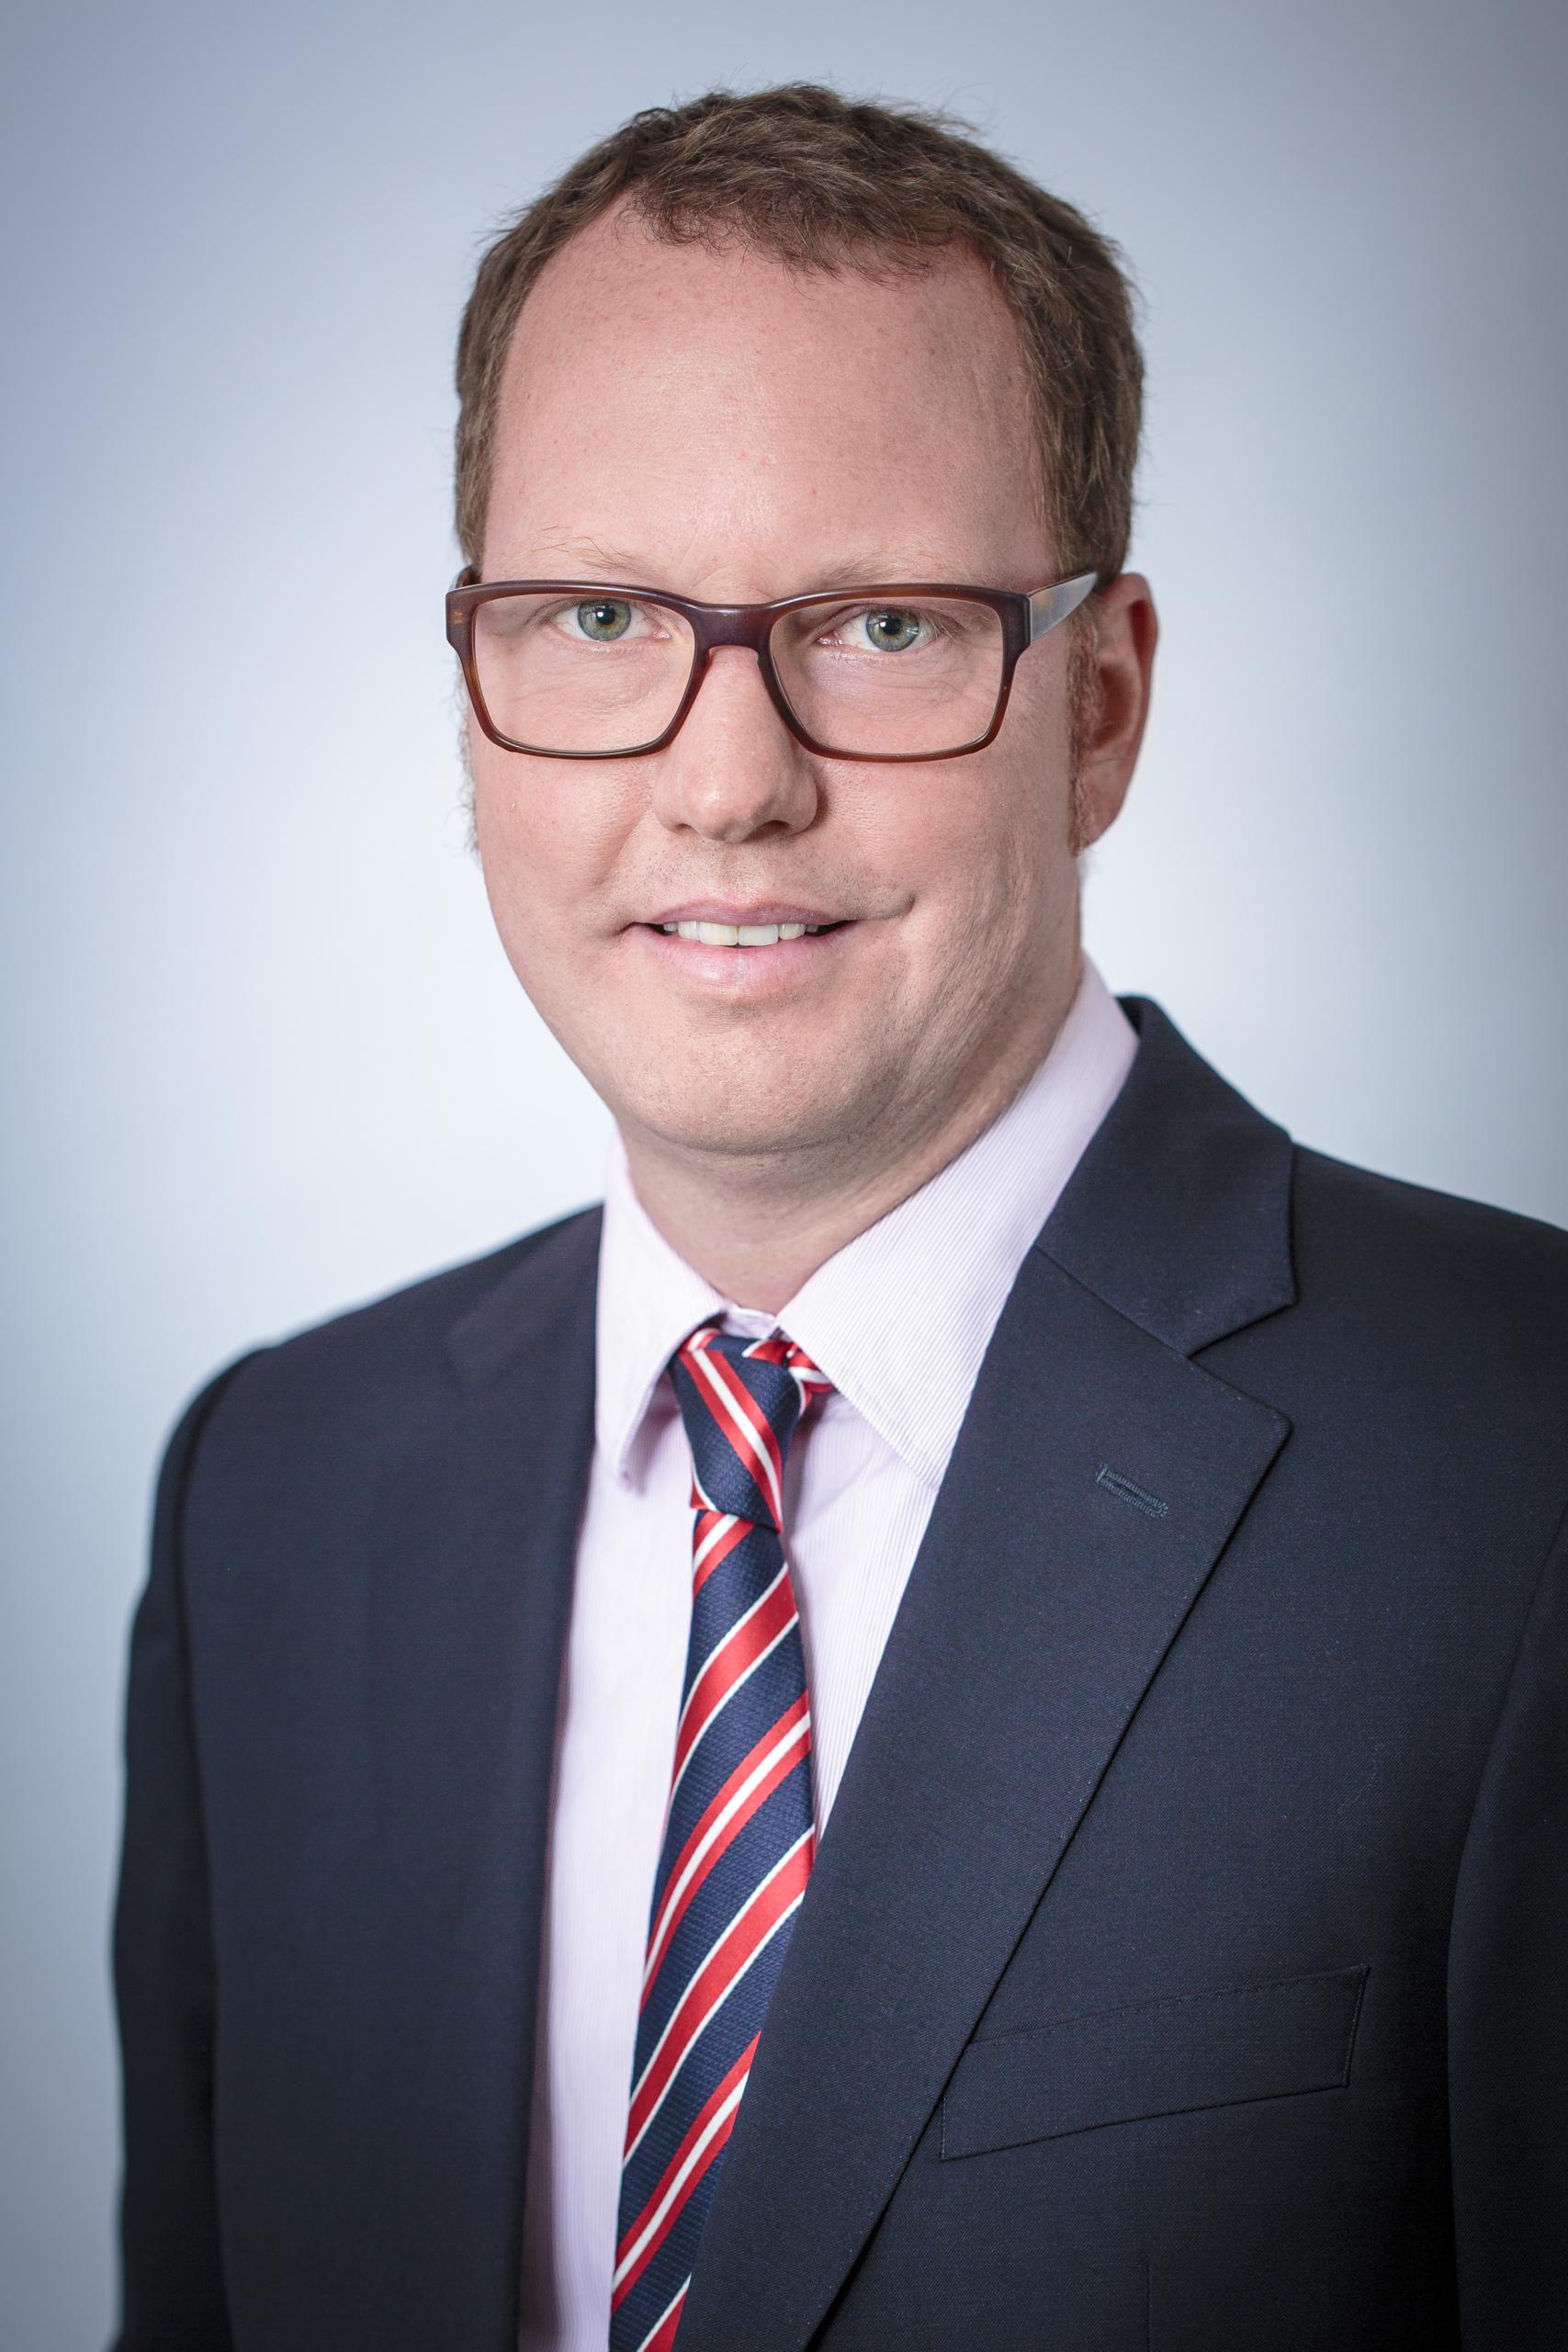 Tim R. Kutscher